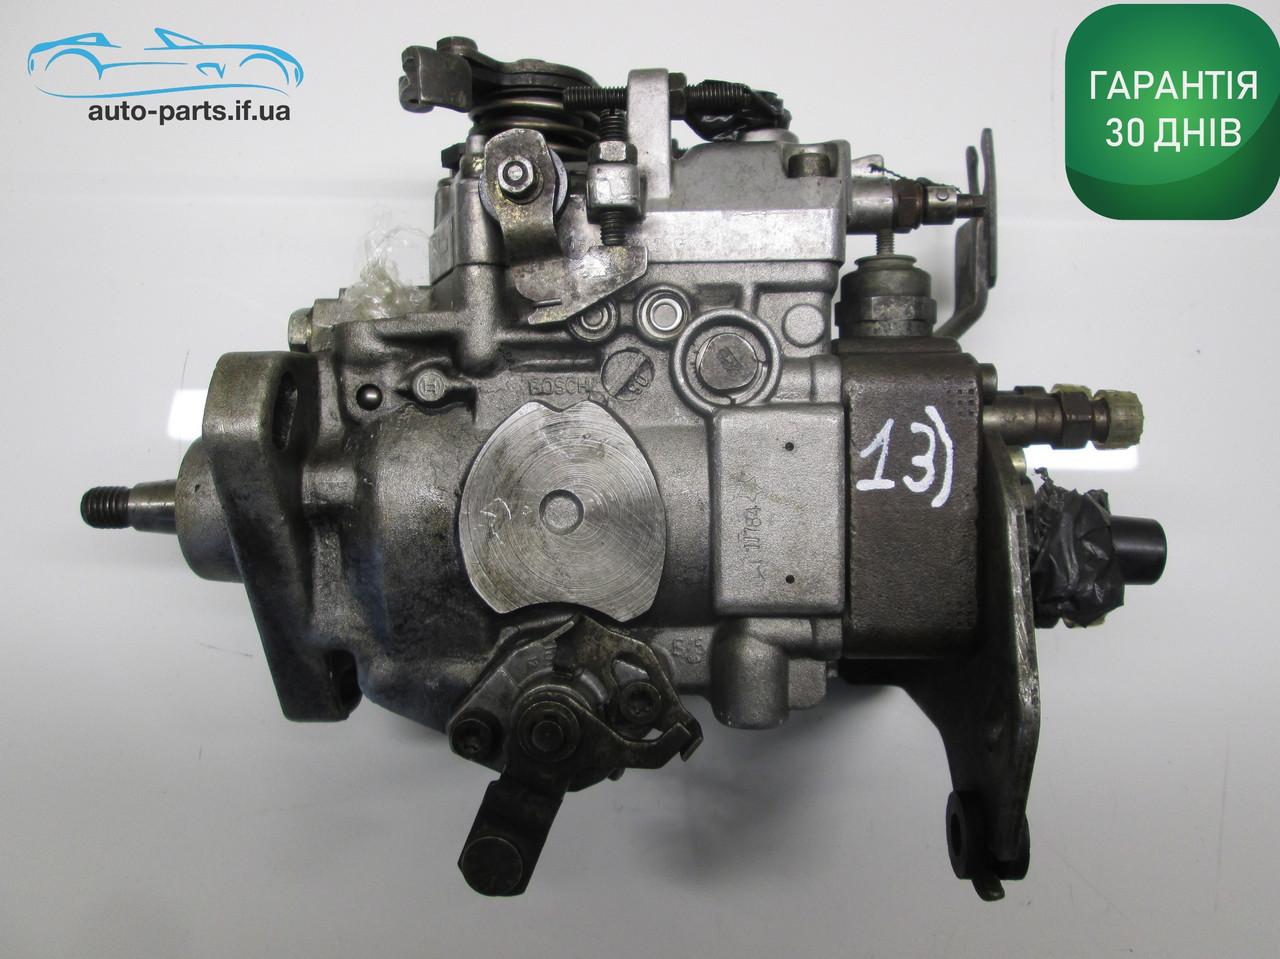 Топливный насос VAG 2.4D №13 0460485020